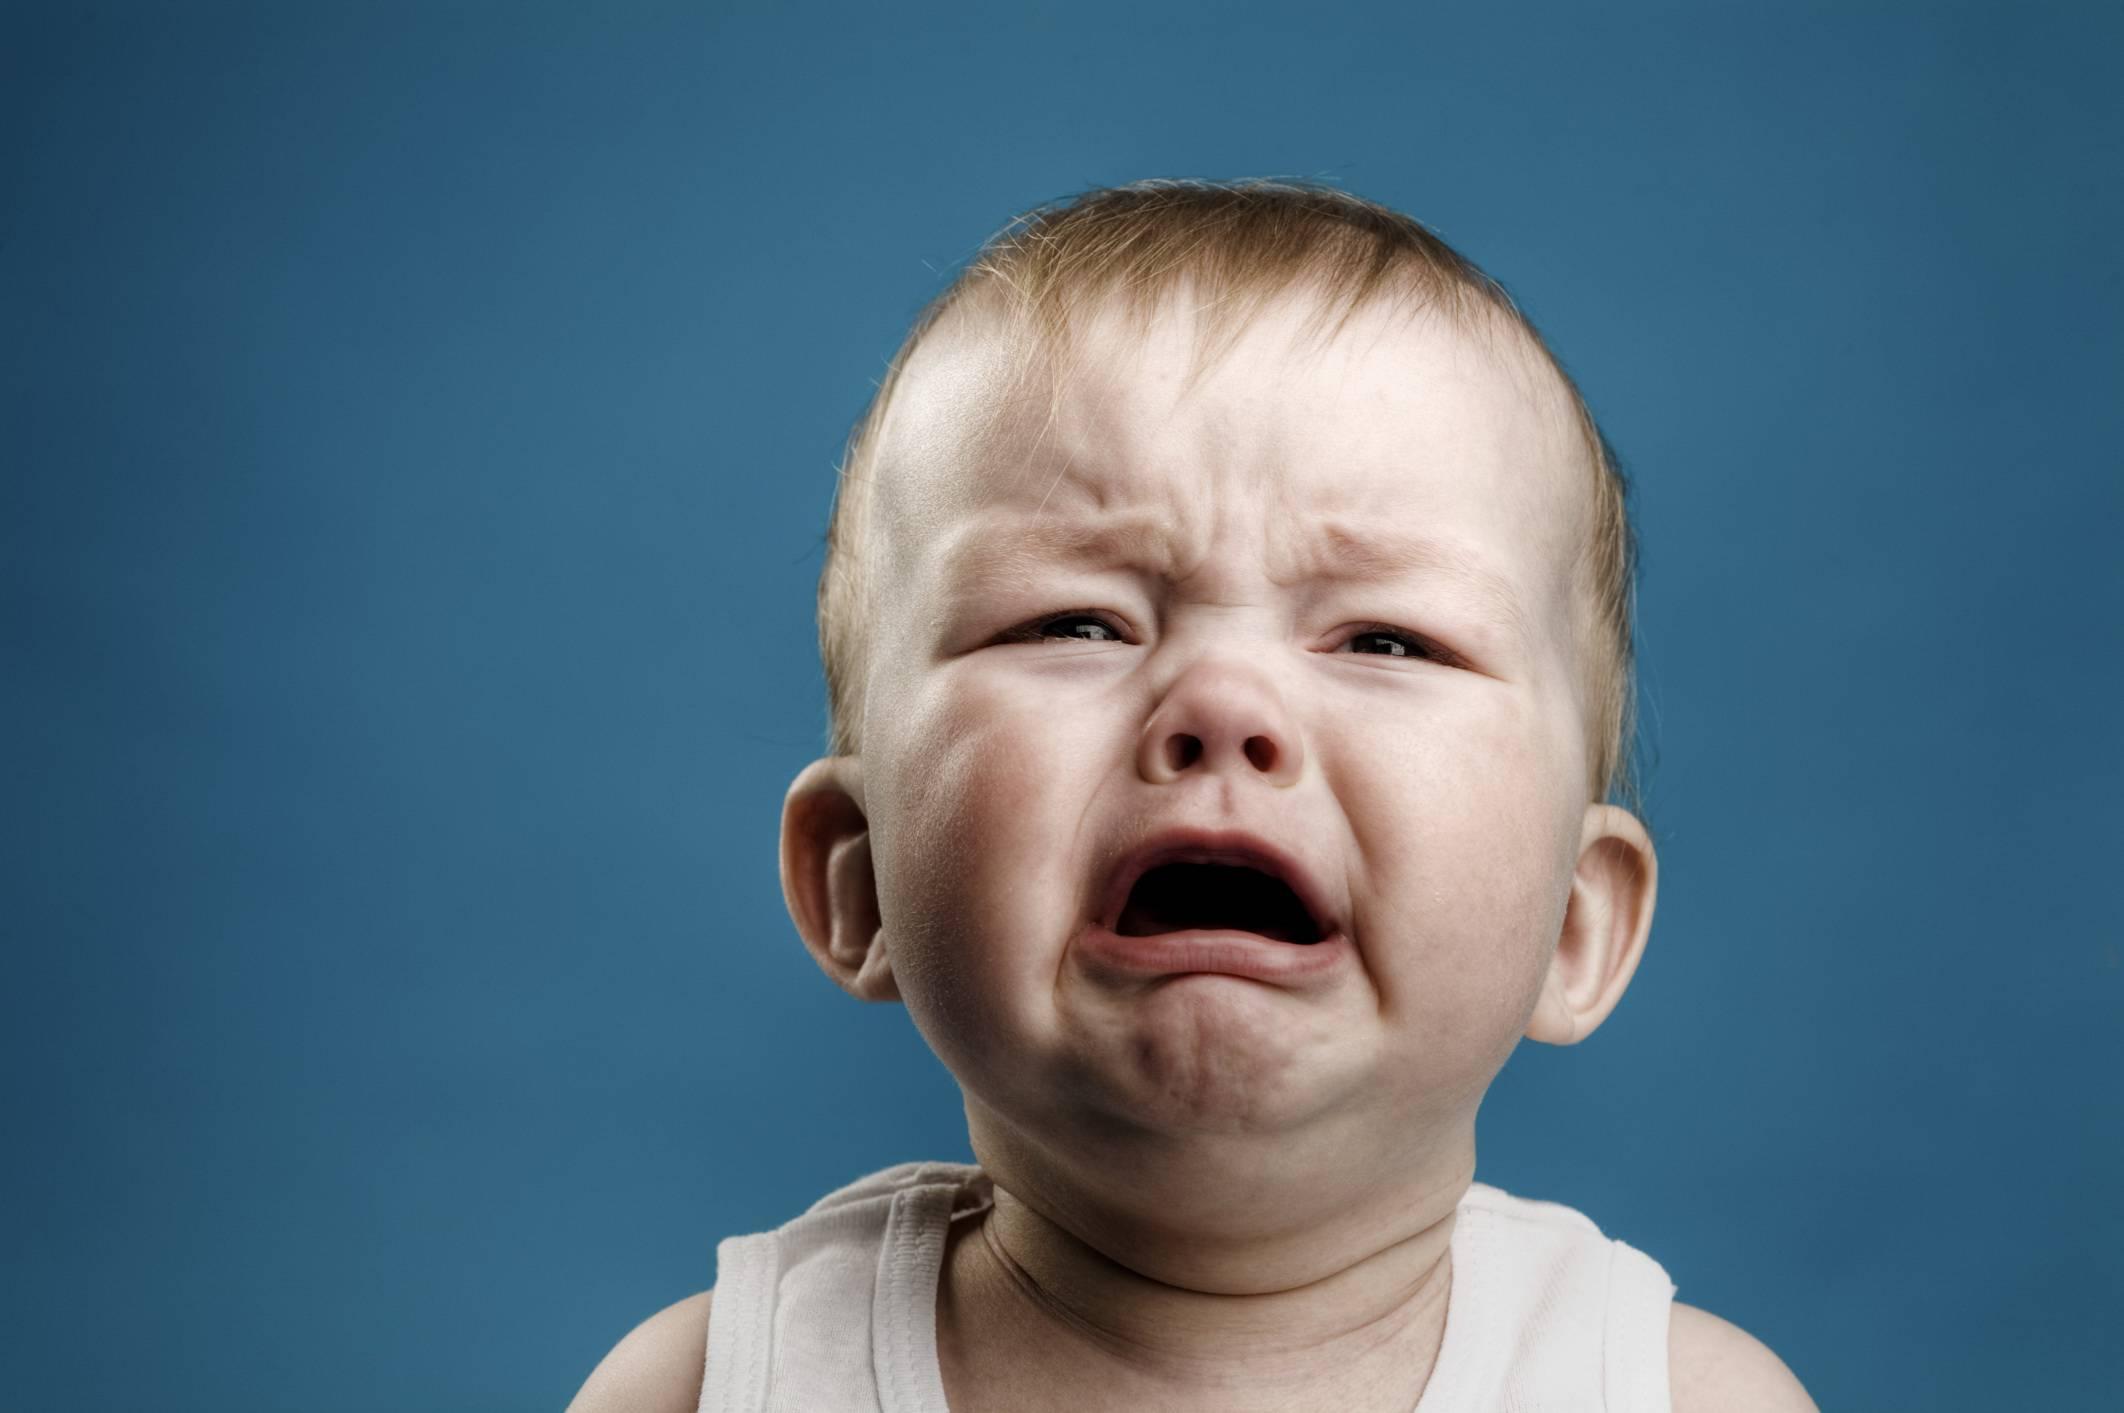 Bambino in primo piano che piange